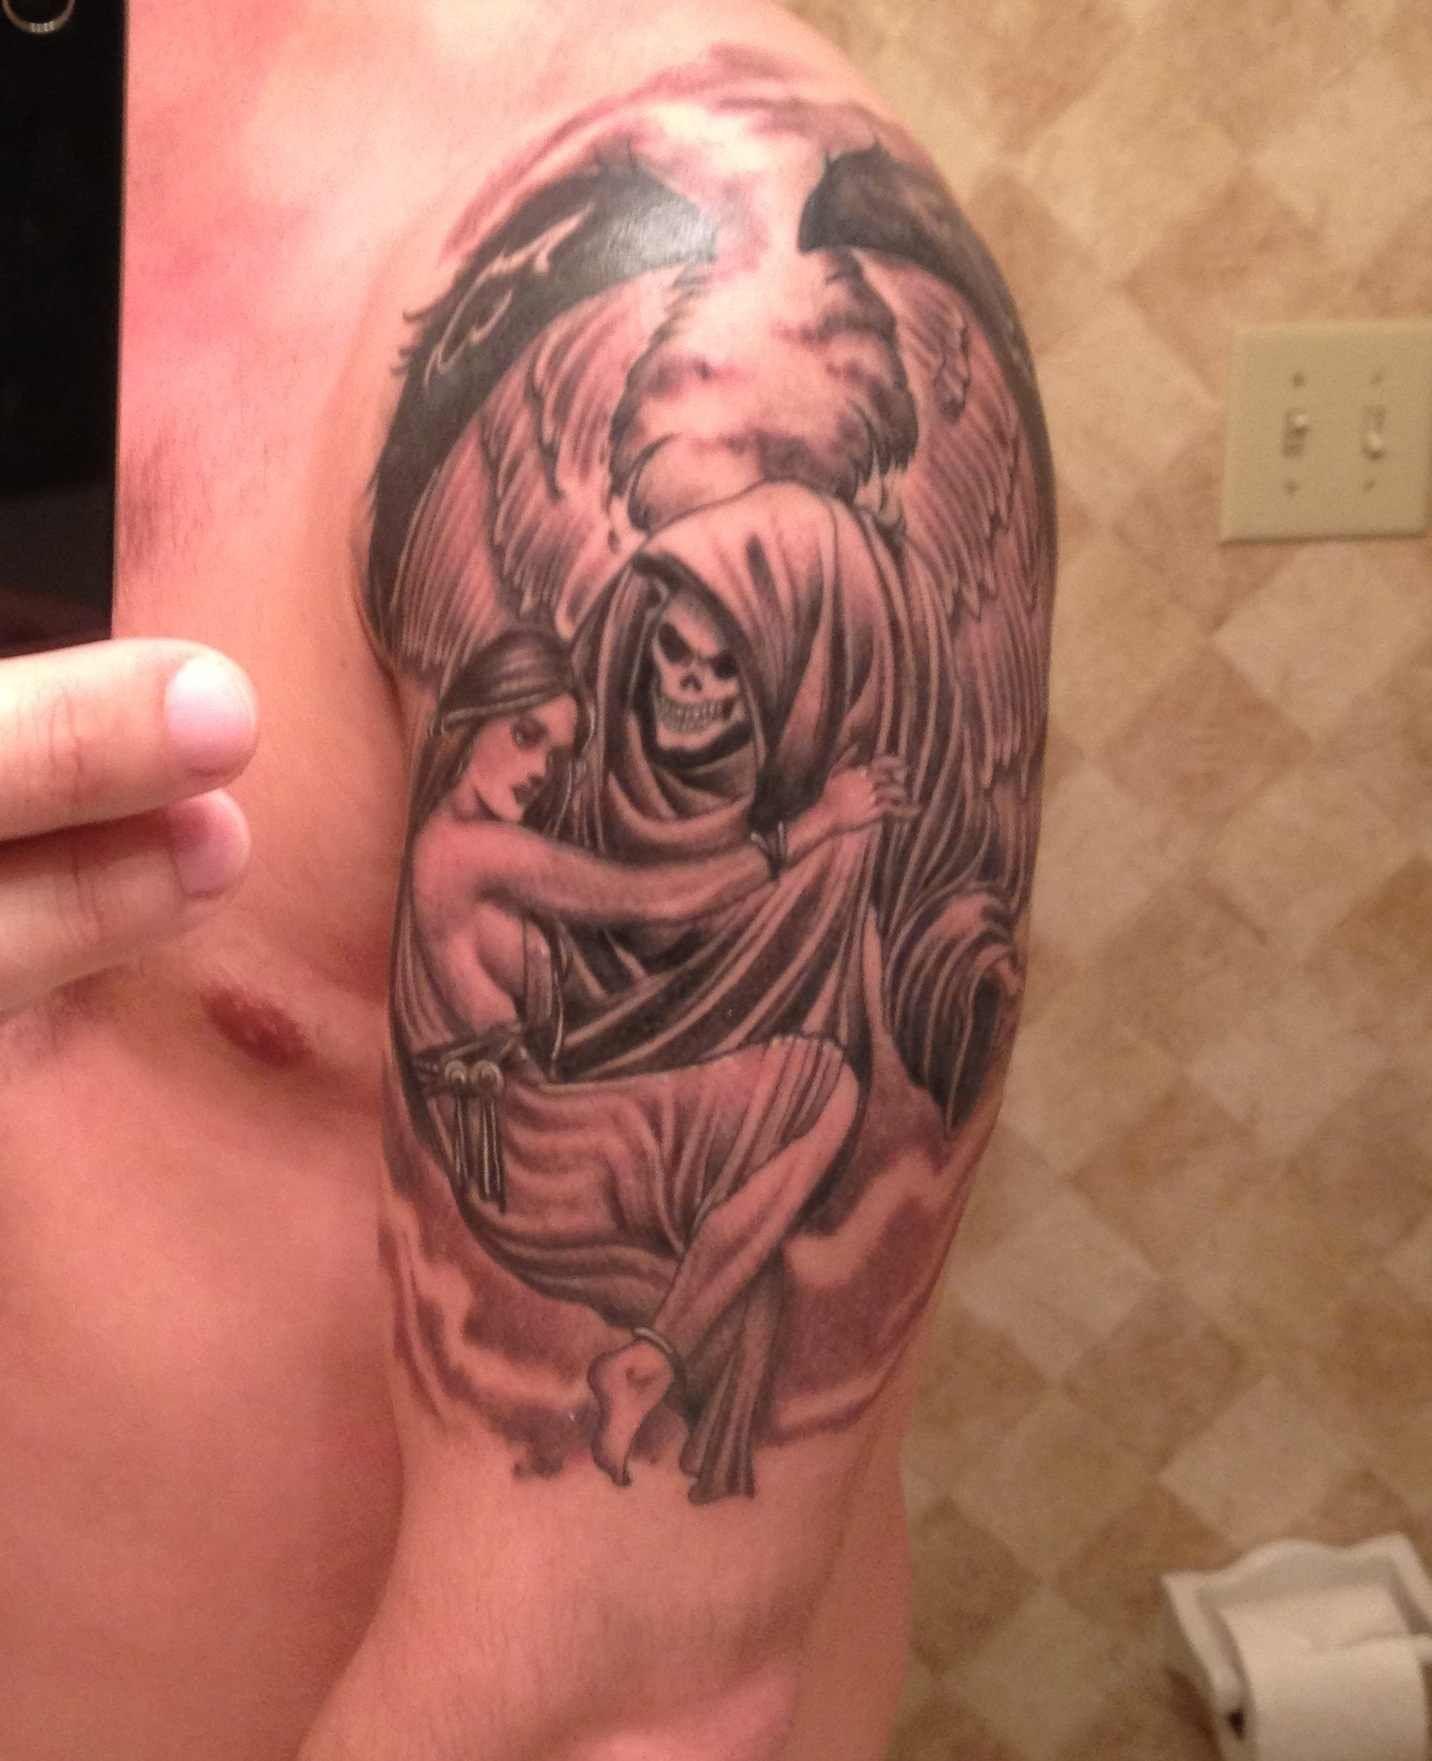 Female Grim Reaper Tattoos : female, reaper, tattoos, Female, Reaper, Tattoos, Images, Tattoo,, Reaper,, Tattoo